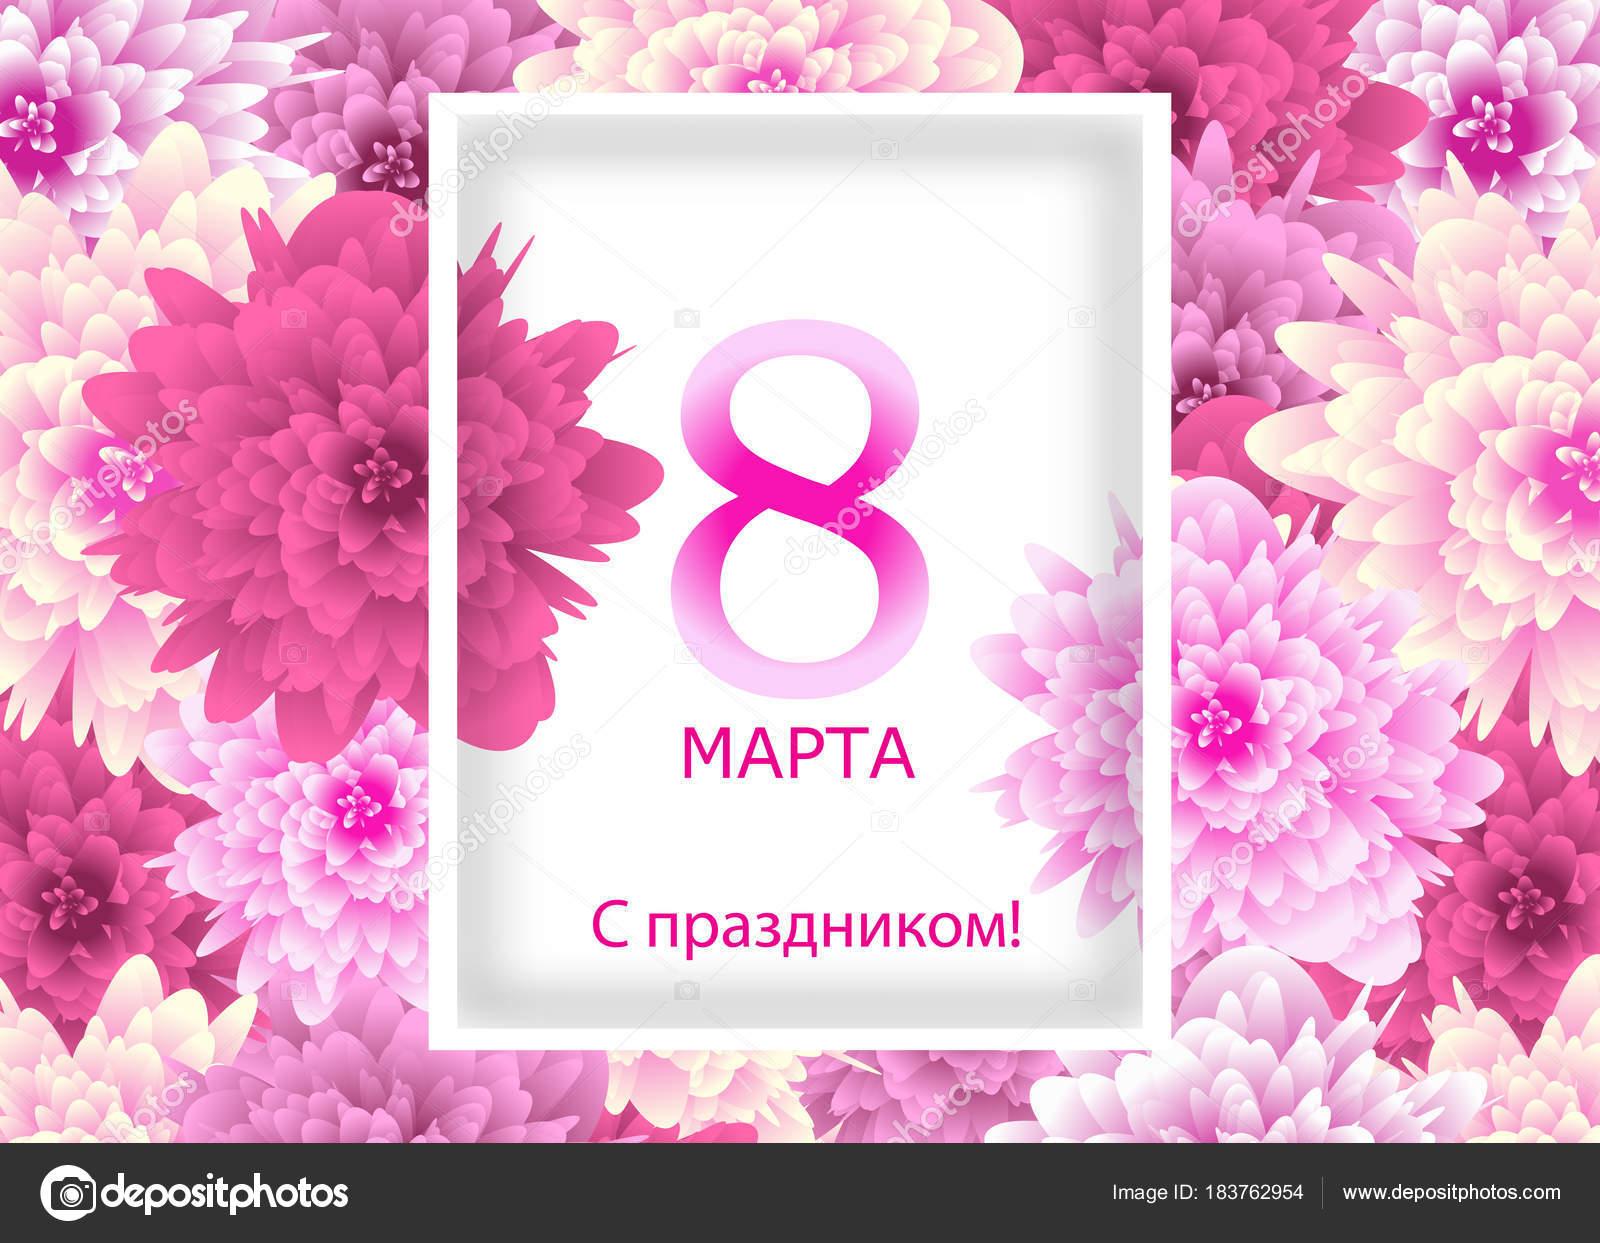 4839a92772 Üdvözlőlapsablon háttérben virágok március 8-i nemzetközi nőnap és a  szöveget az orosz az ünnep